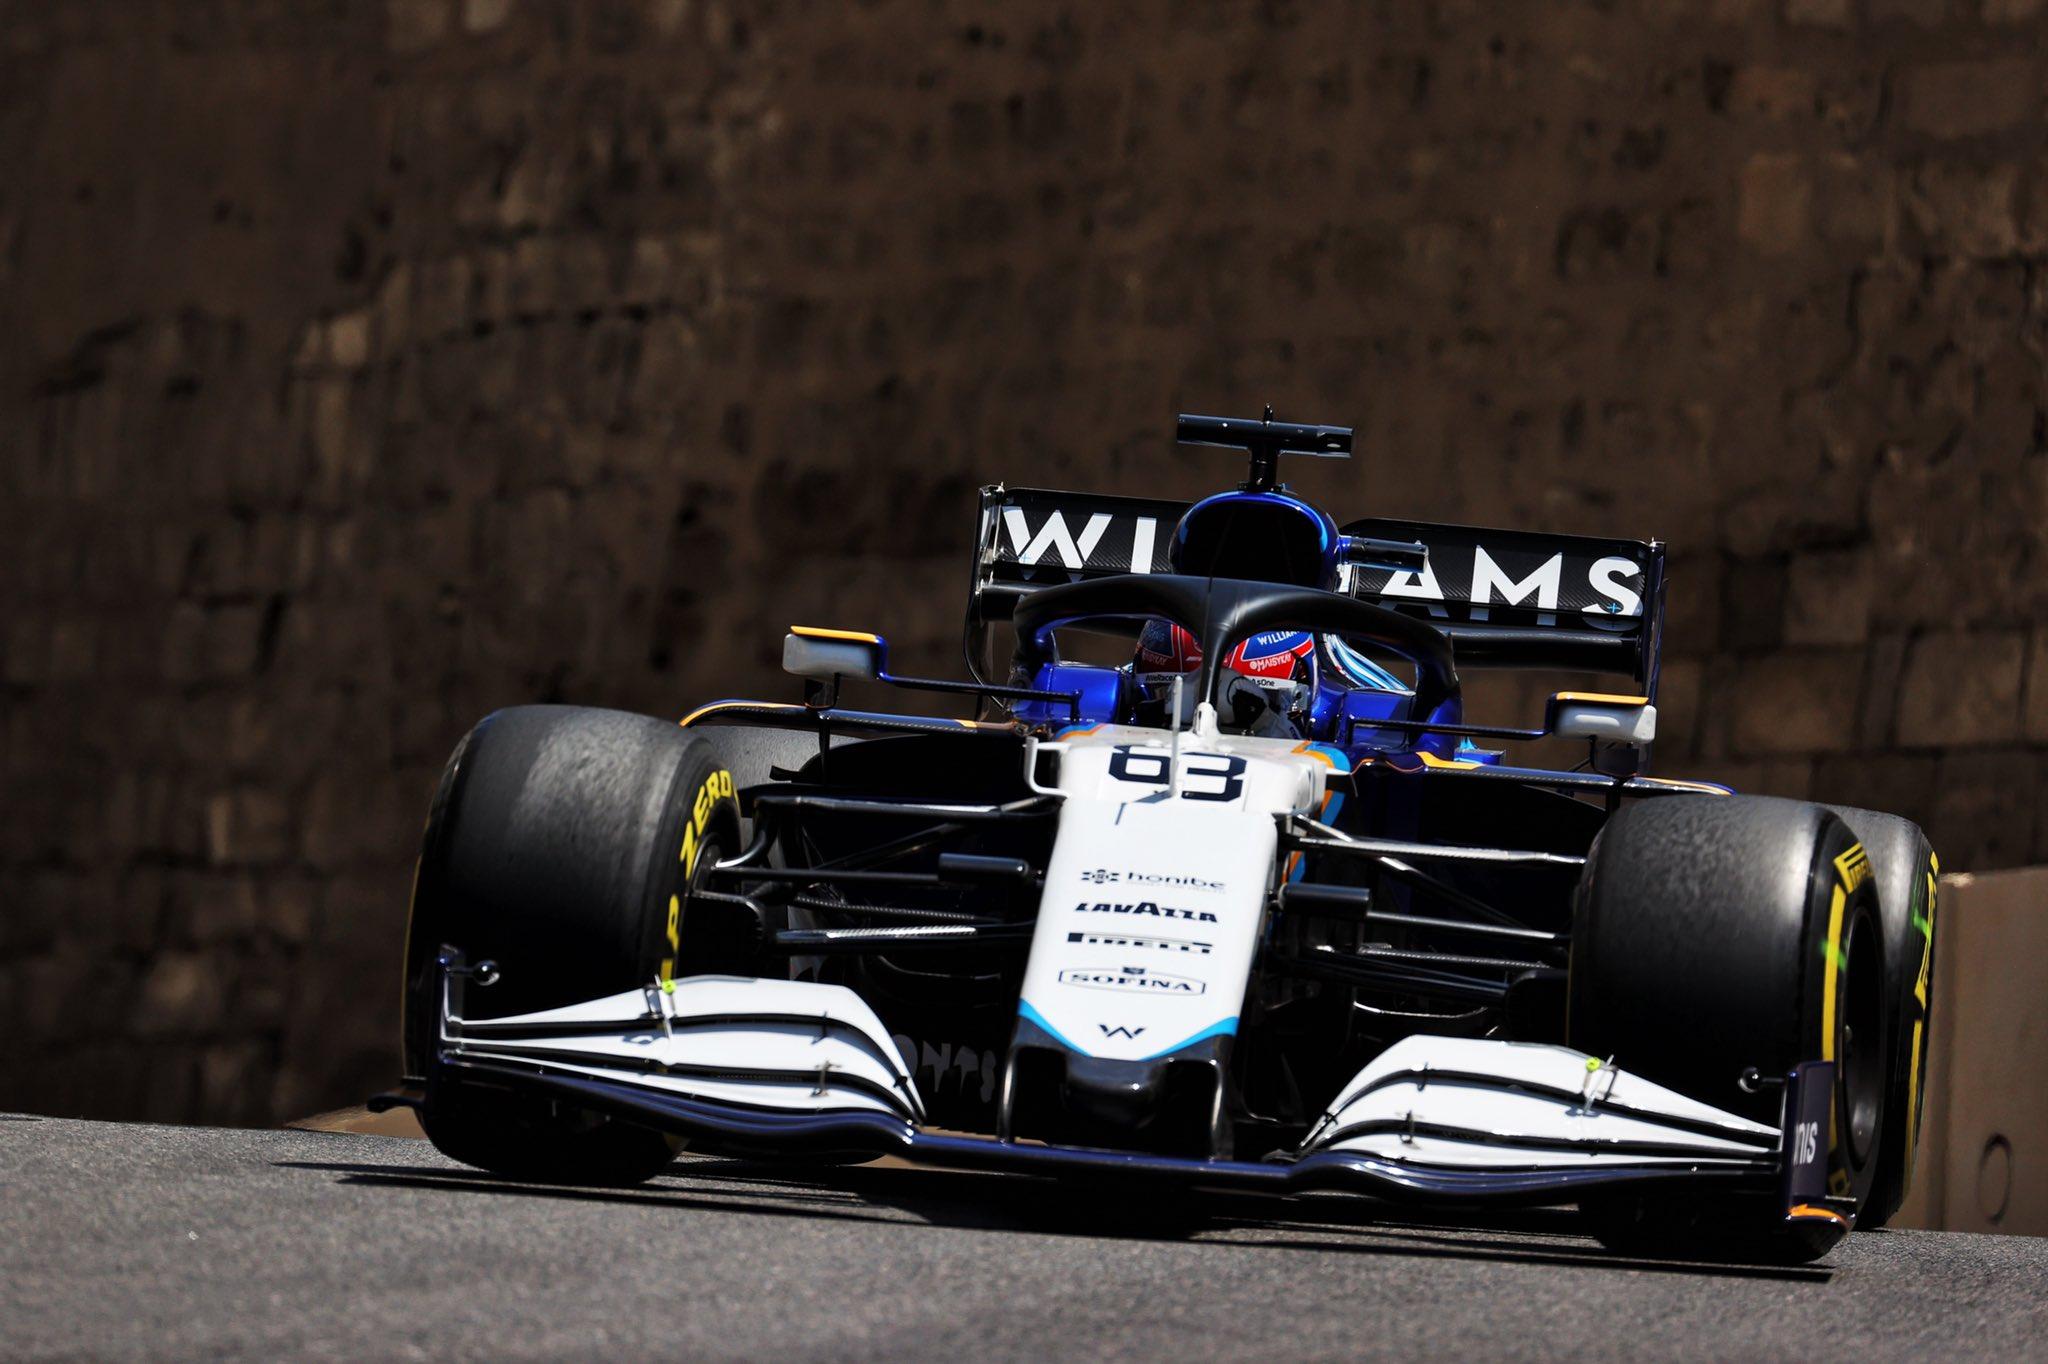 Domingo en Azerbaiyán - Williams no destaca